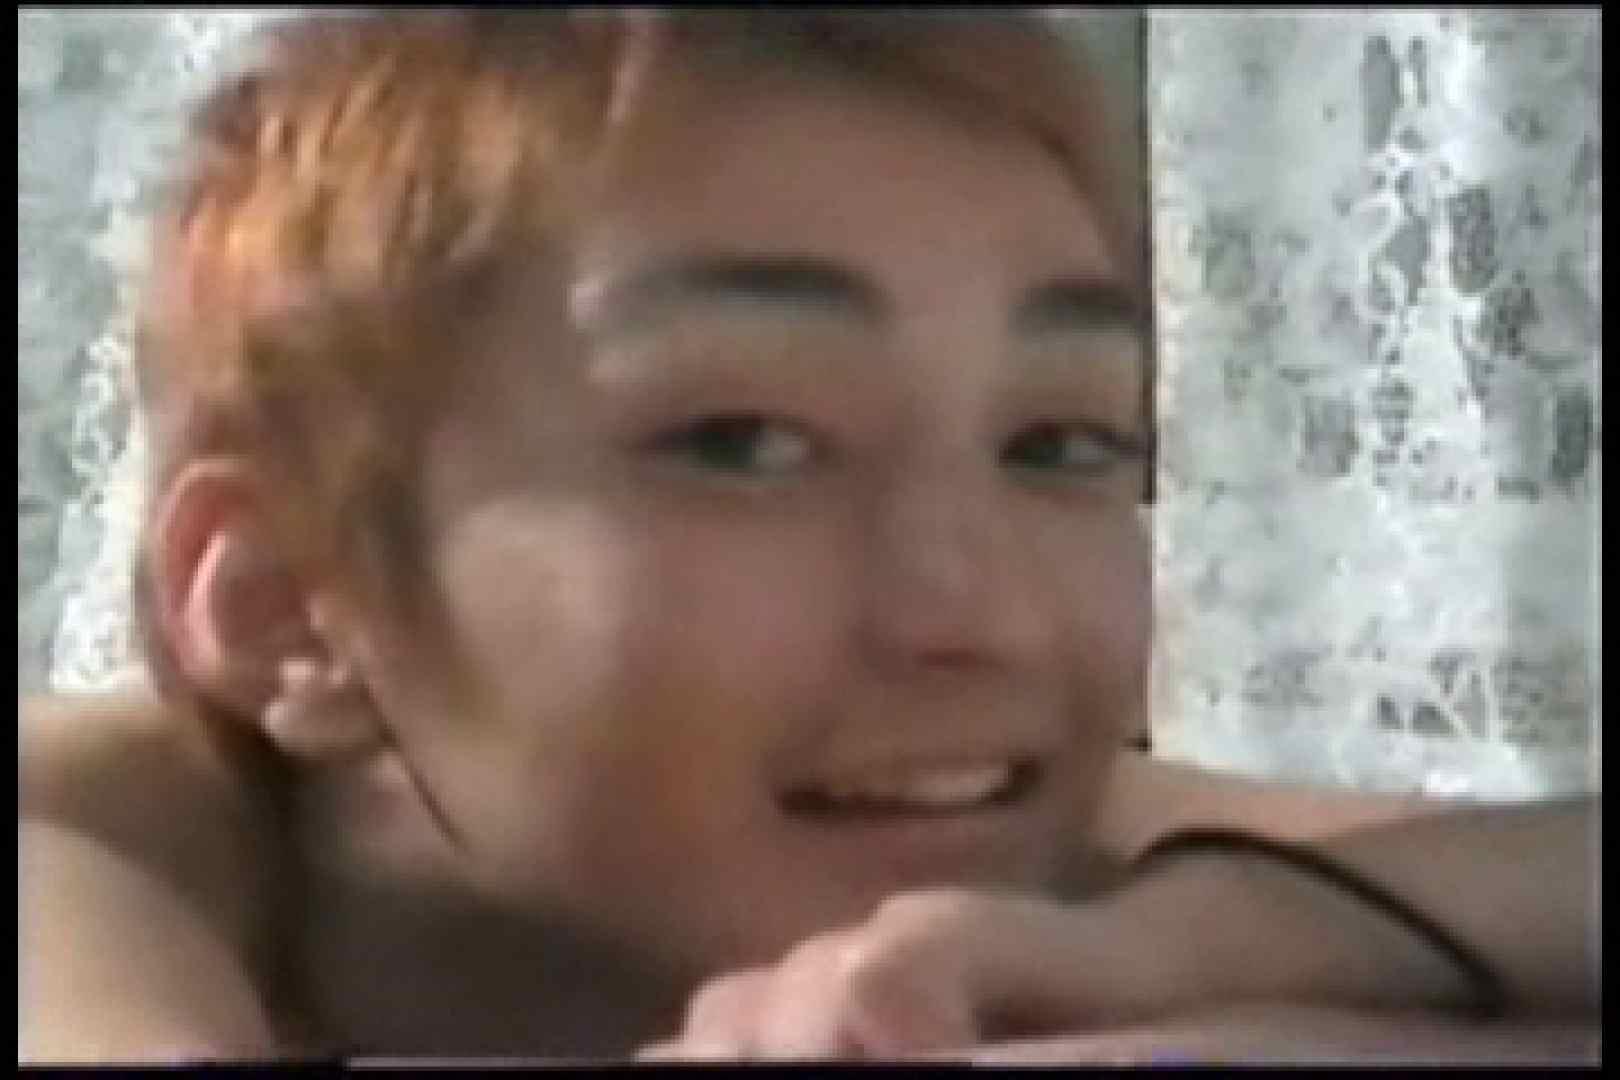 【流出】アイドルを目指したジャニ系イケメンの過去 射精 GAY無修正エロ動画 107枚 102